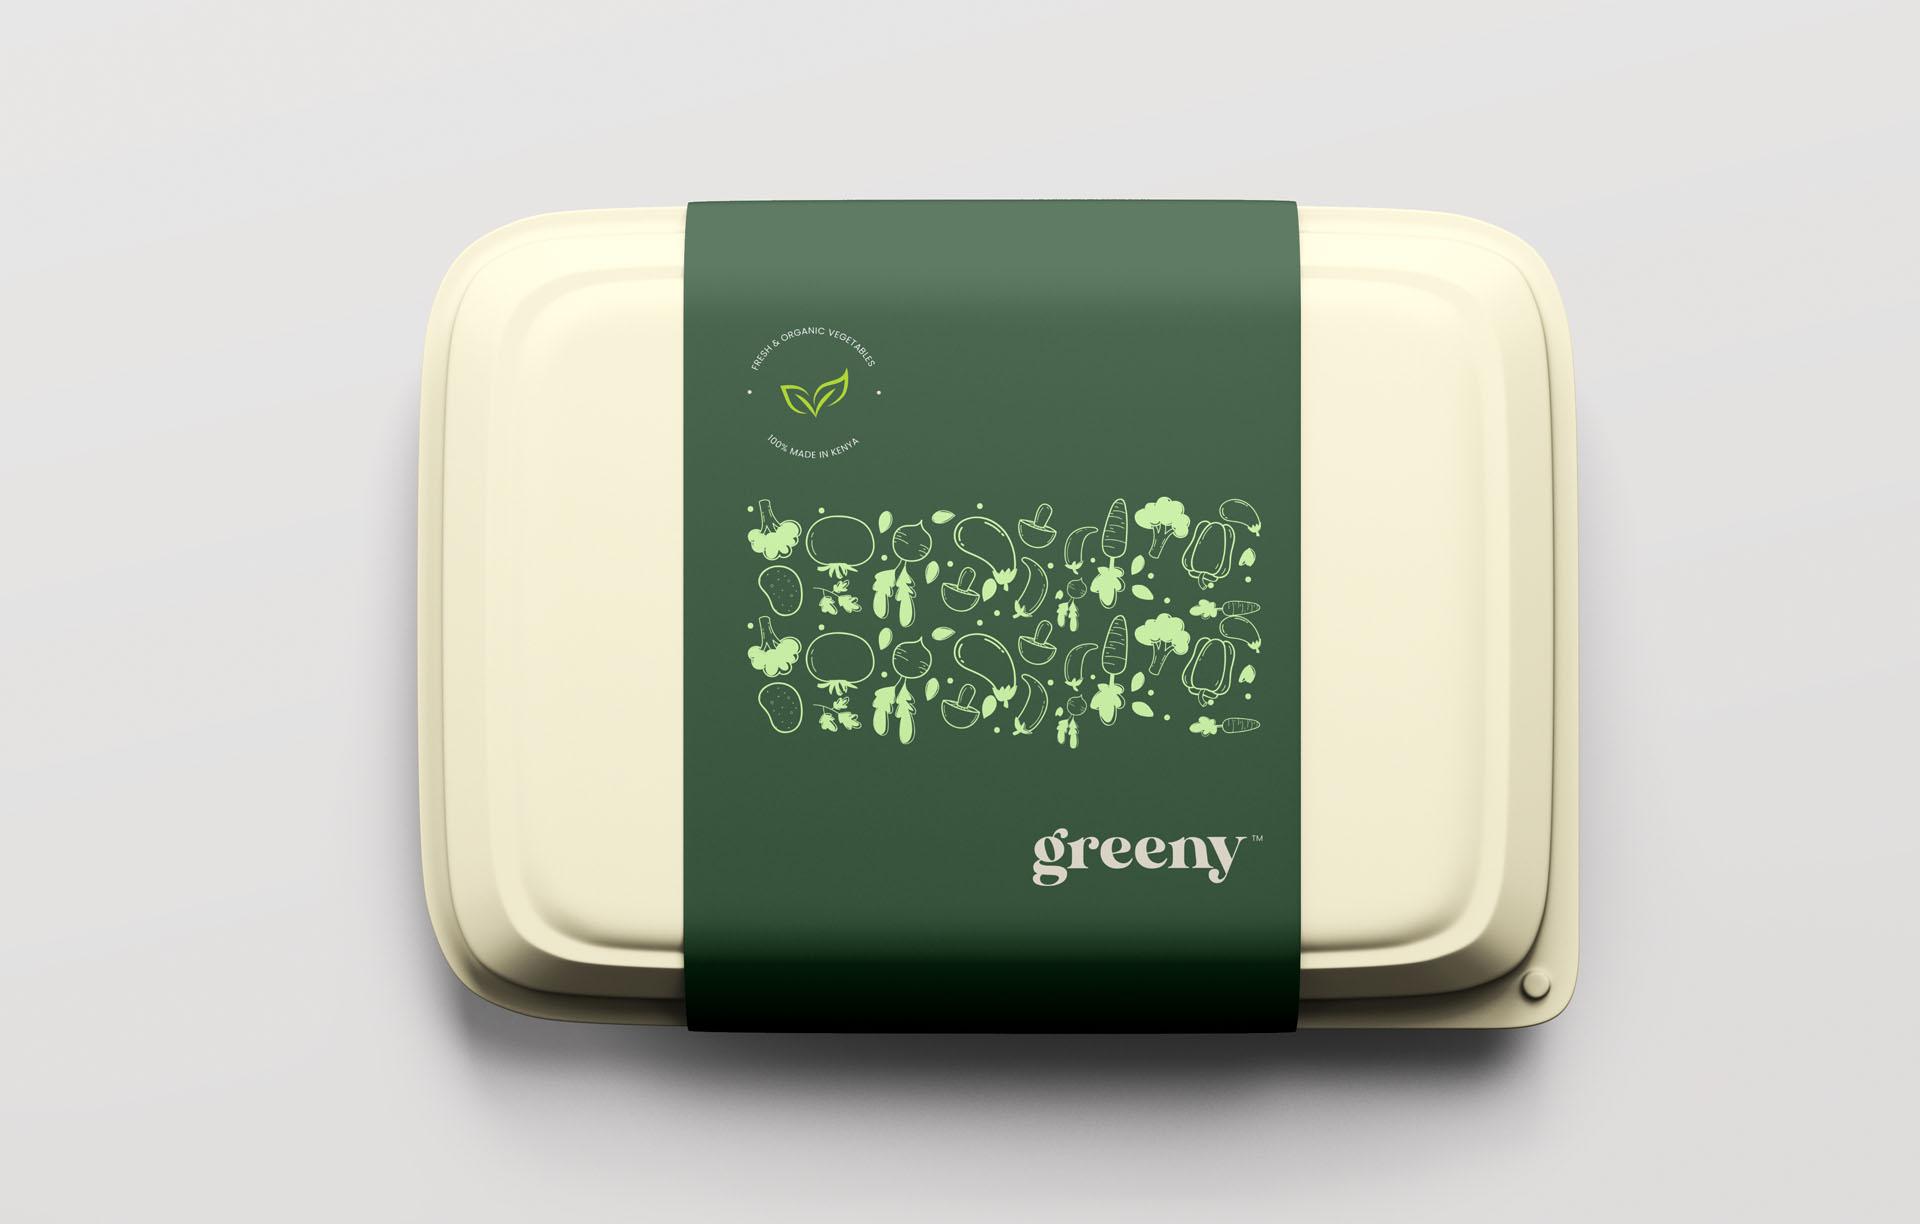 Greeny food packaging sample